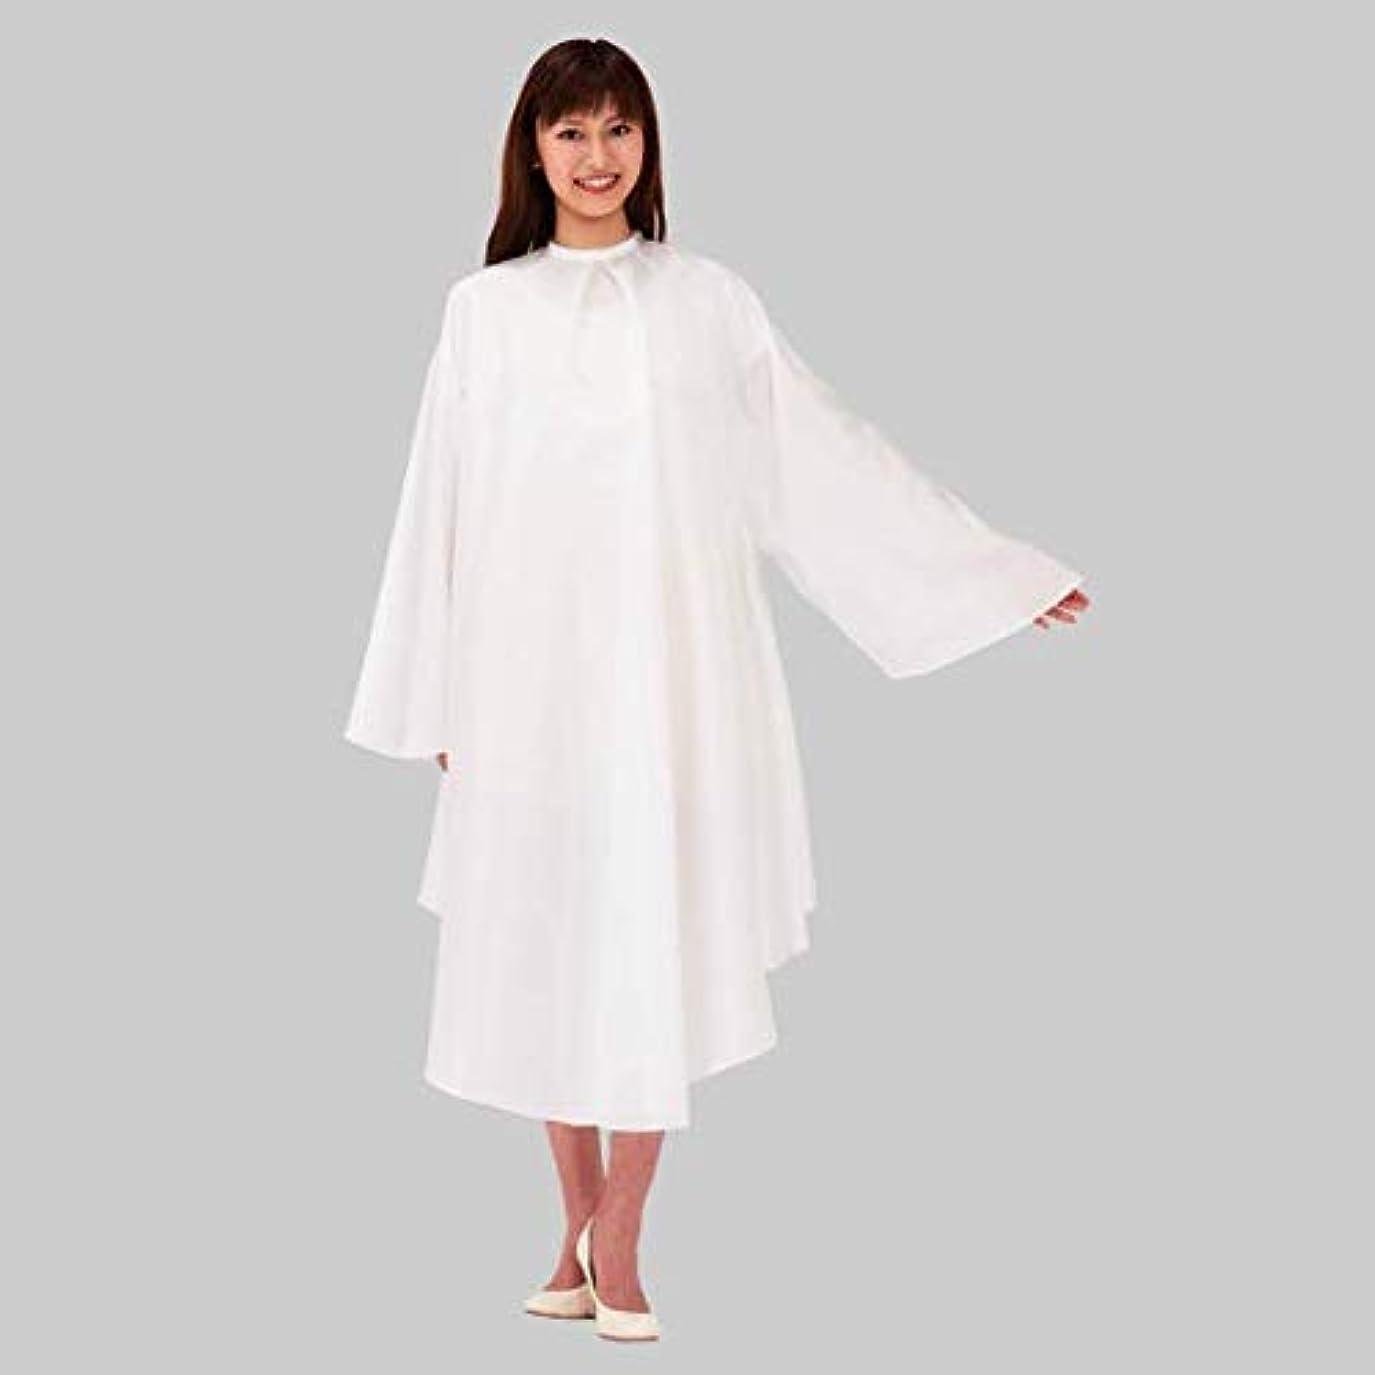 パトワだらしないクラックポットカトレア 2210 ホワイト ソフティ袖付刈布